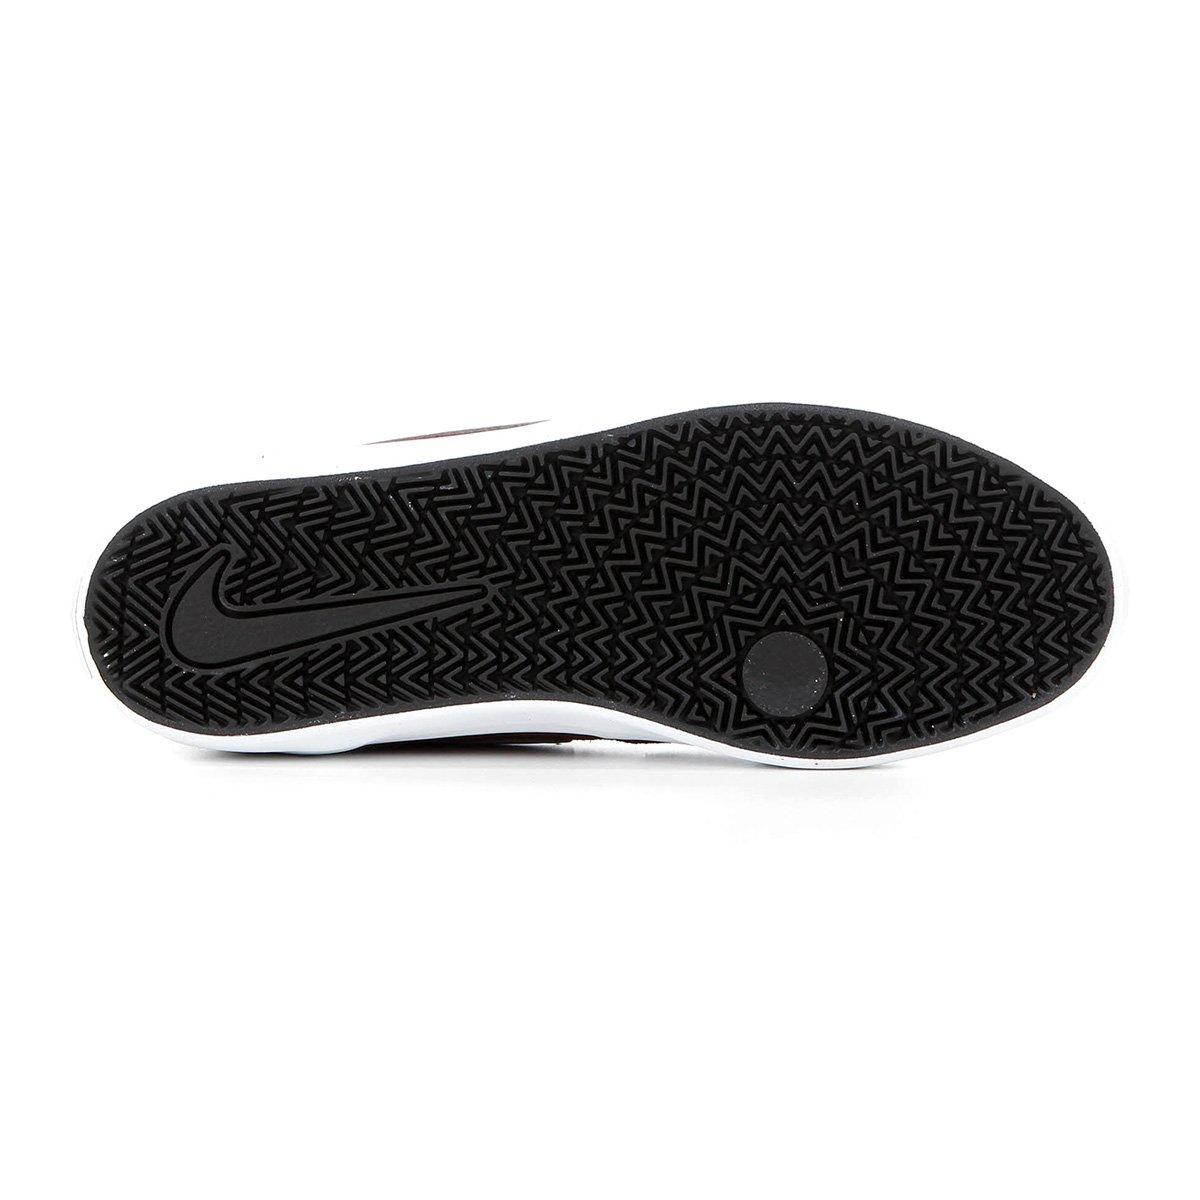 Tênis Nike Sb Check Solar Masculino - Vinho - Compre Agora  75504598d4e4e